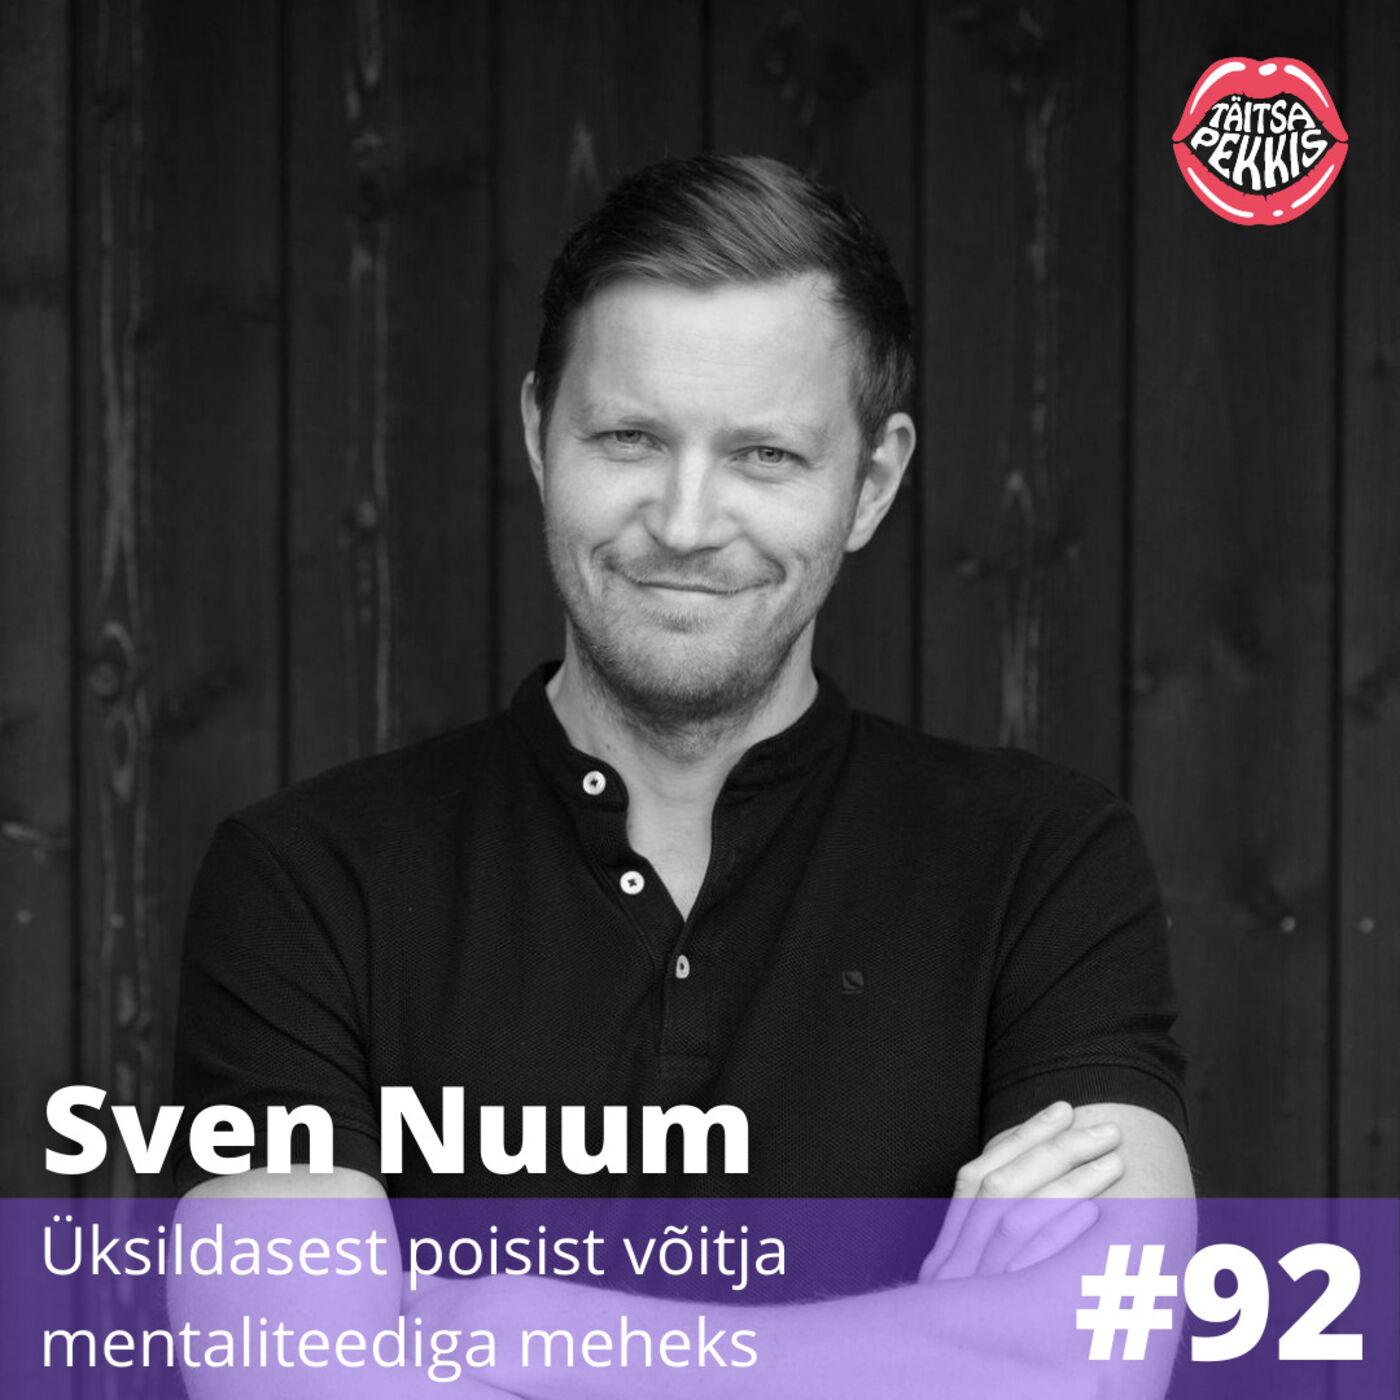 #92 - Sven Nuum - Üksildasest poisist võitja mentaliteediga meheks